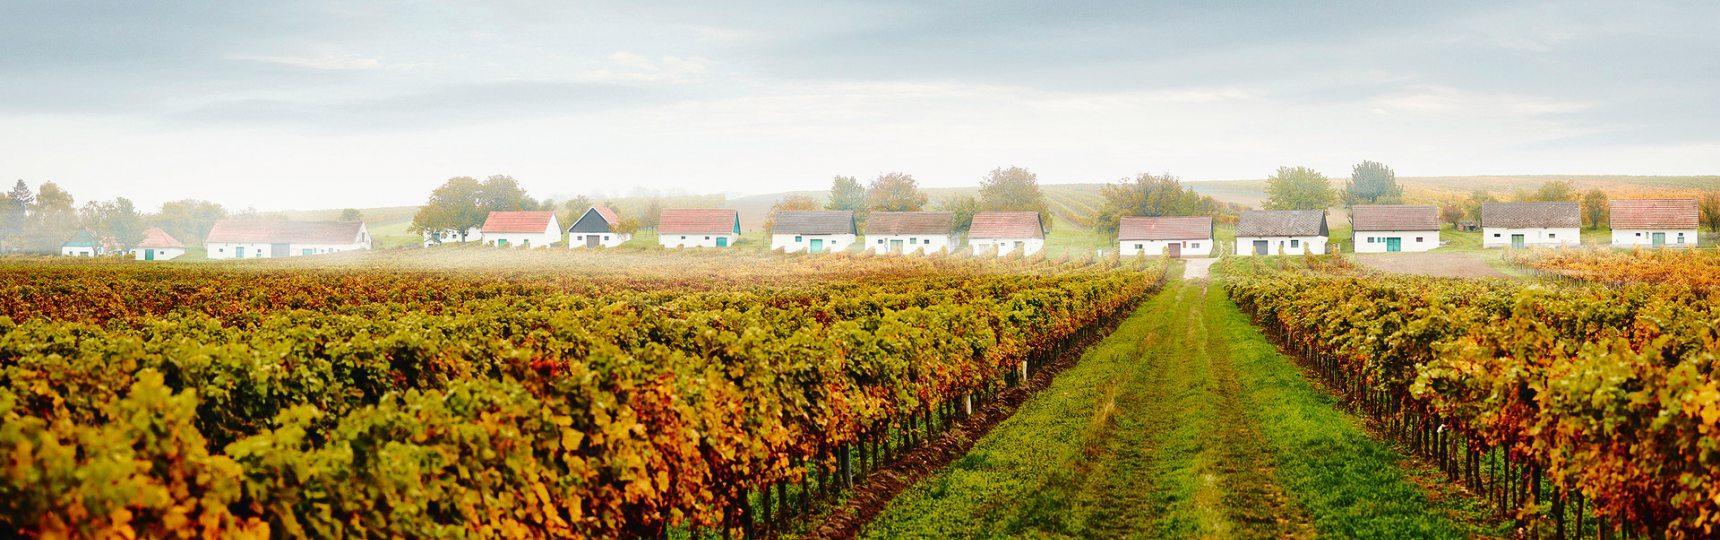 Von Frühling bis Herbst: Postkartenidylle und harte Arbeit prägen den Alltag in den blau-gelben Weinorten.Foto: NÖ Werbung/Michael Liebert